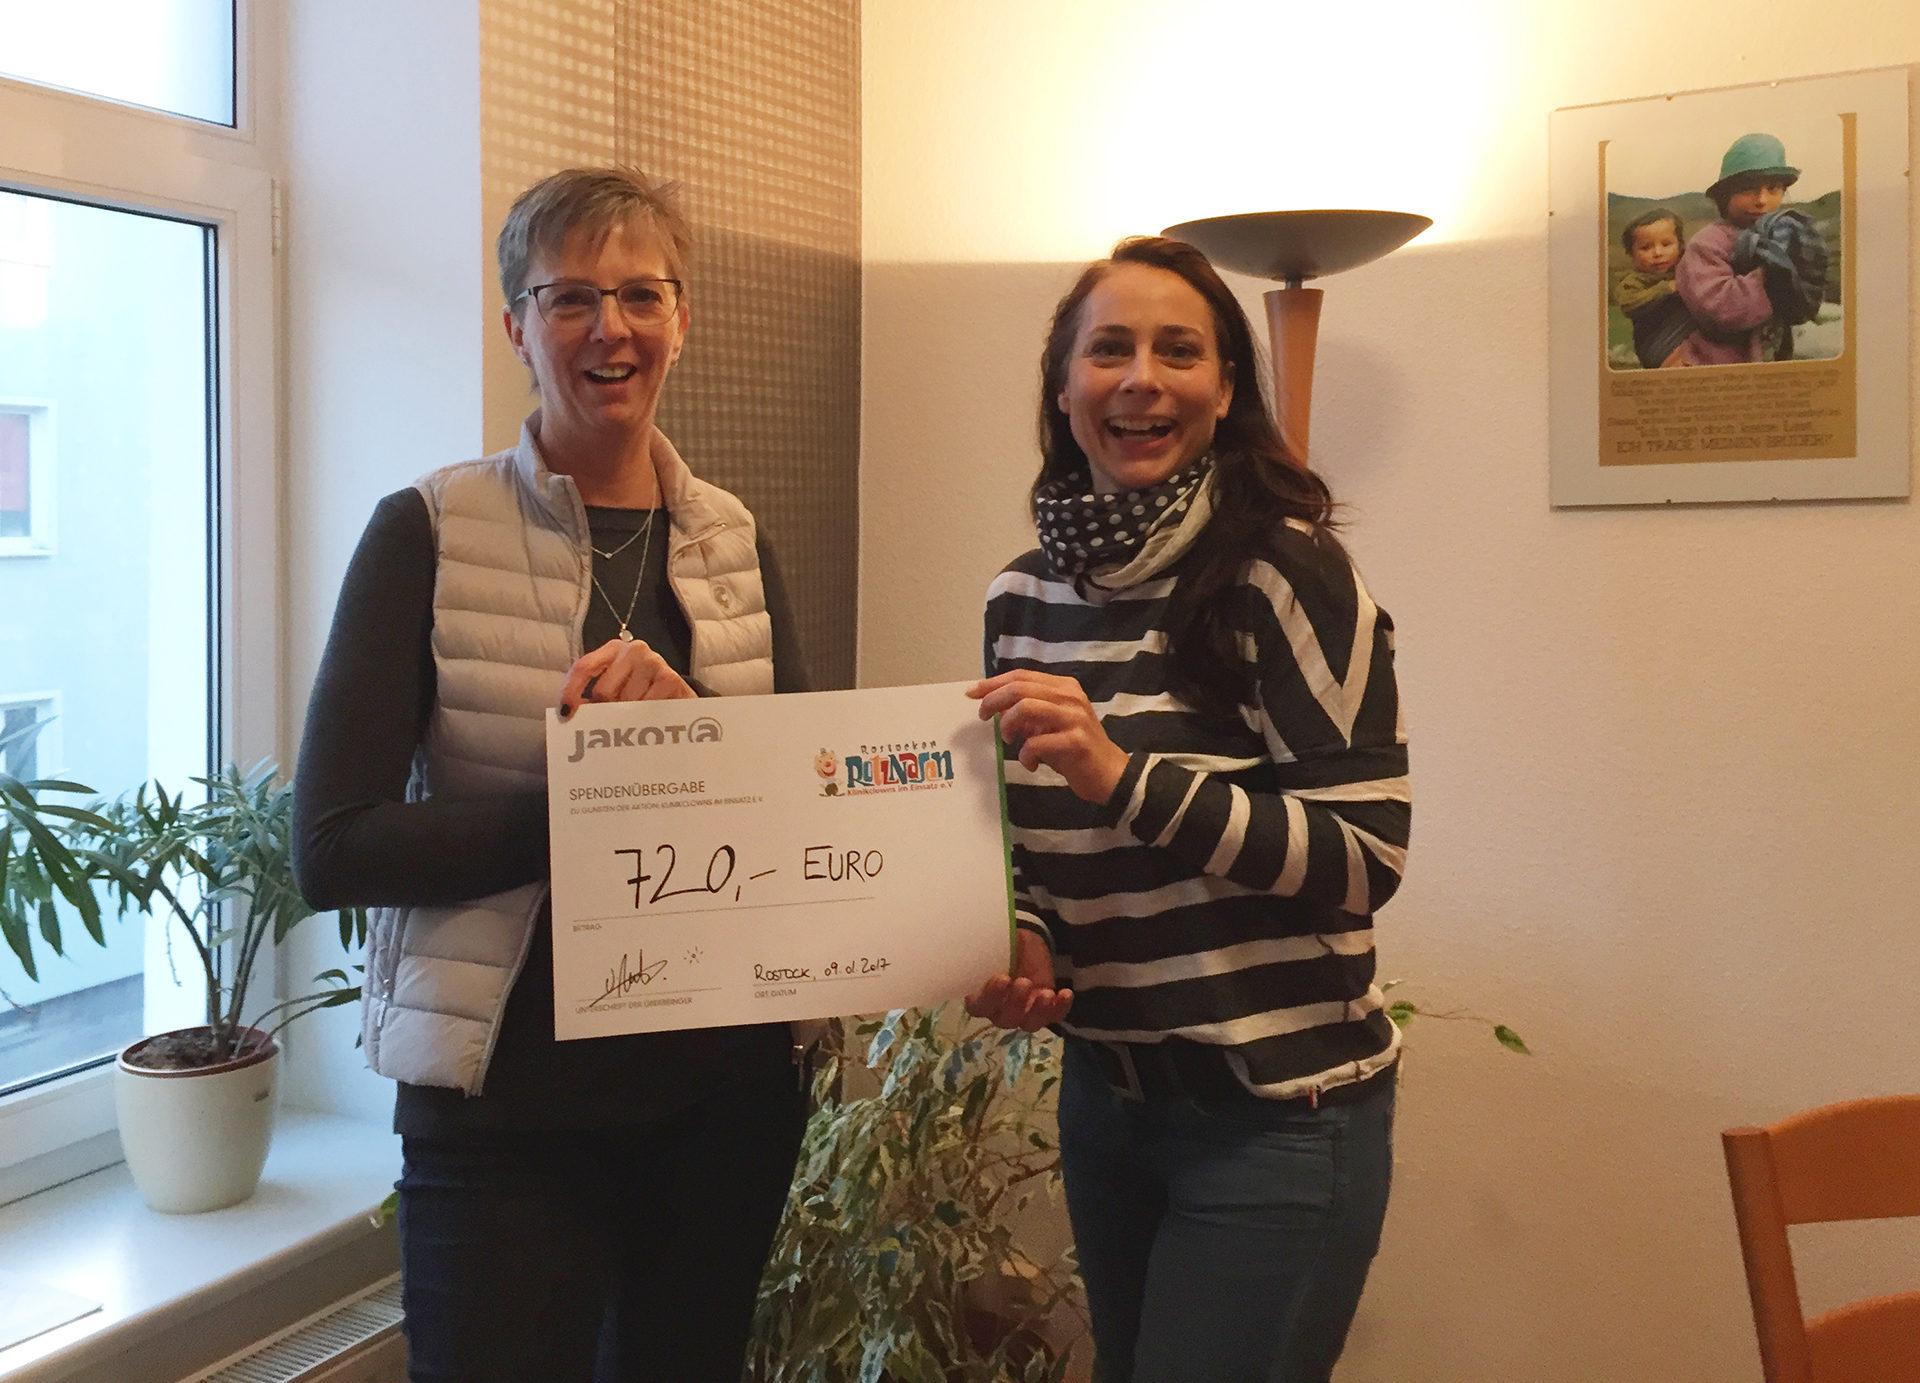 Ulrike Nehls und Steffi Ruddat bei der Übergabe des Spenschenschecks